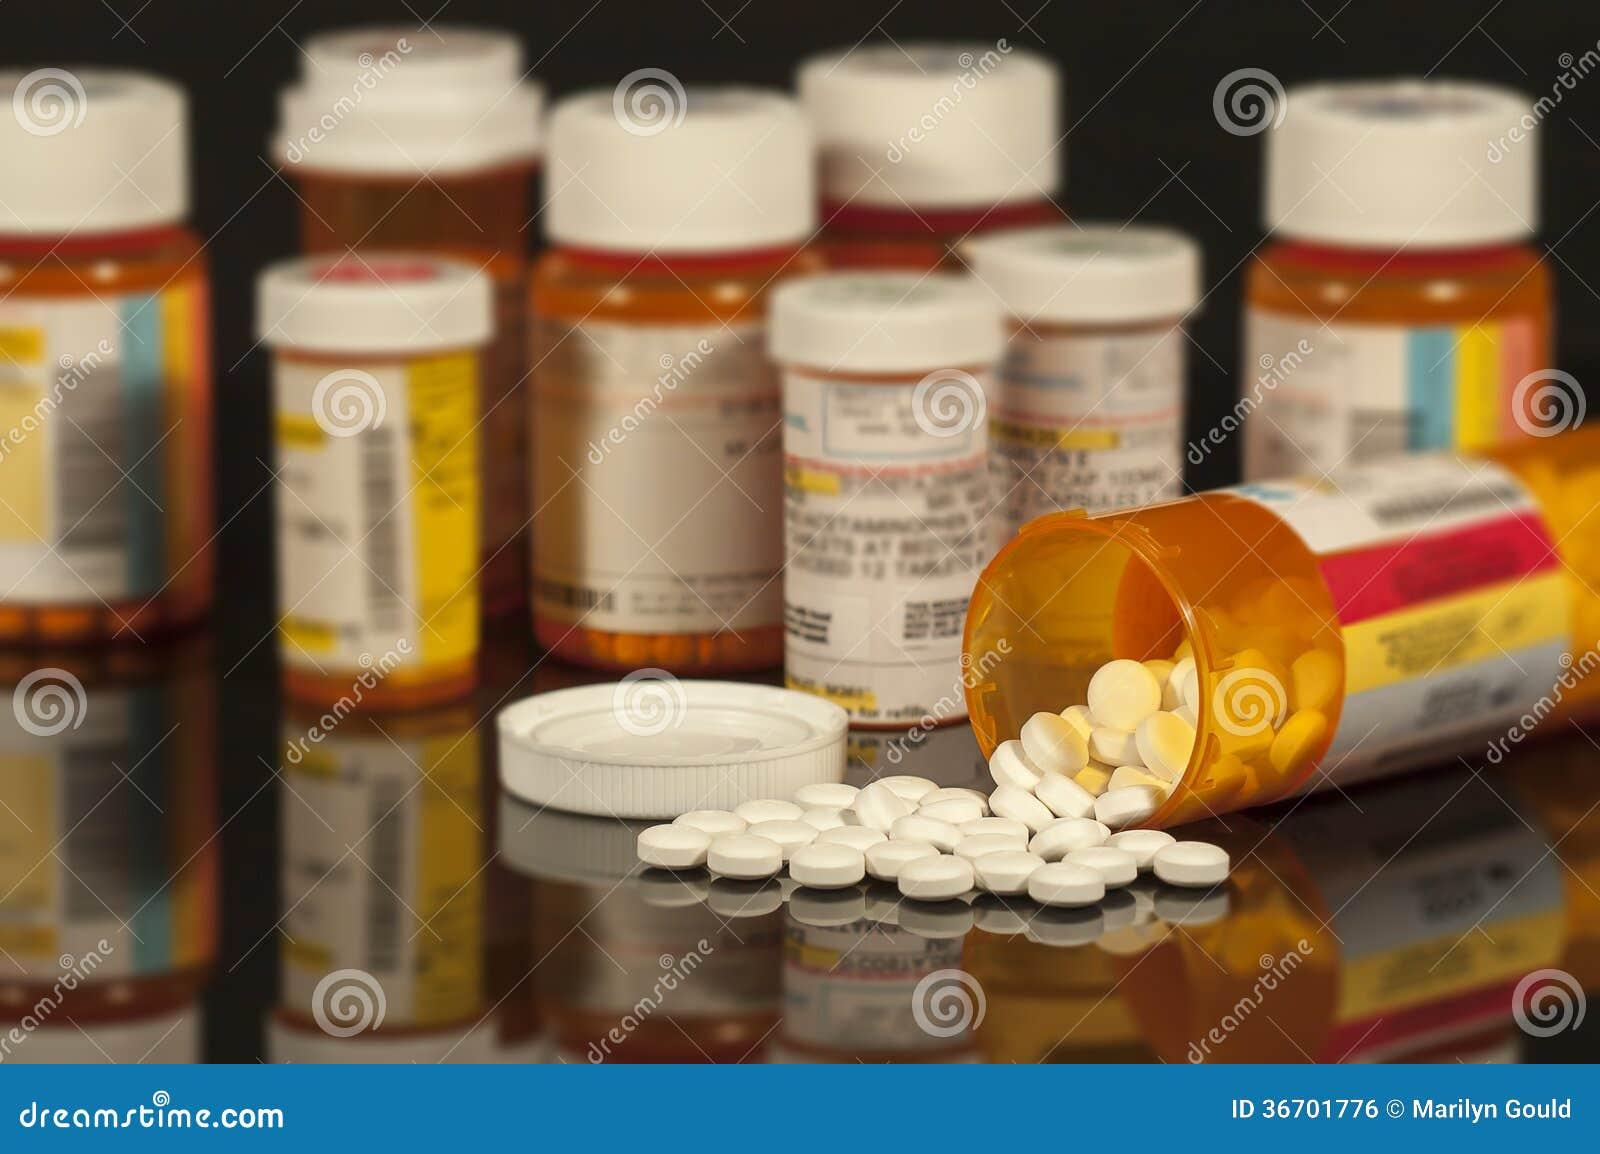 Médicaments délivrés sur ordonnance